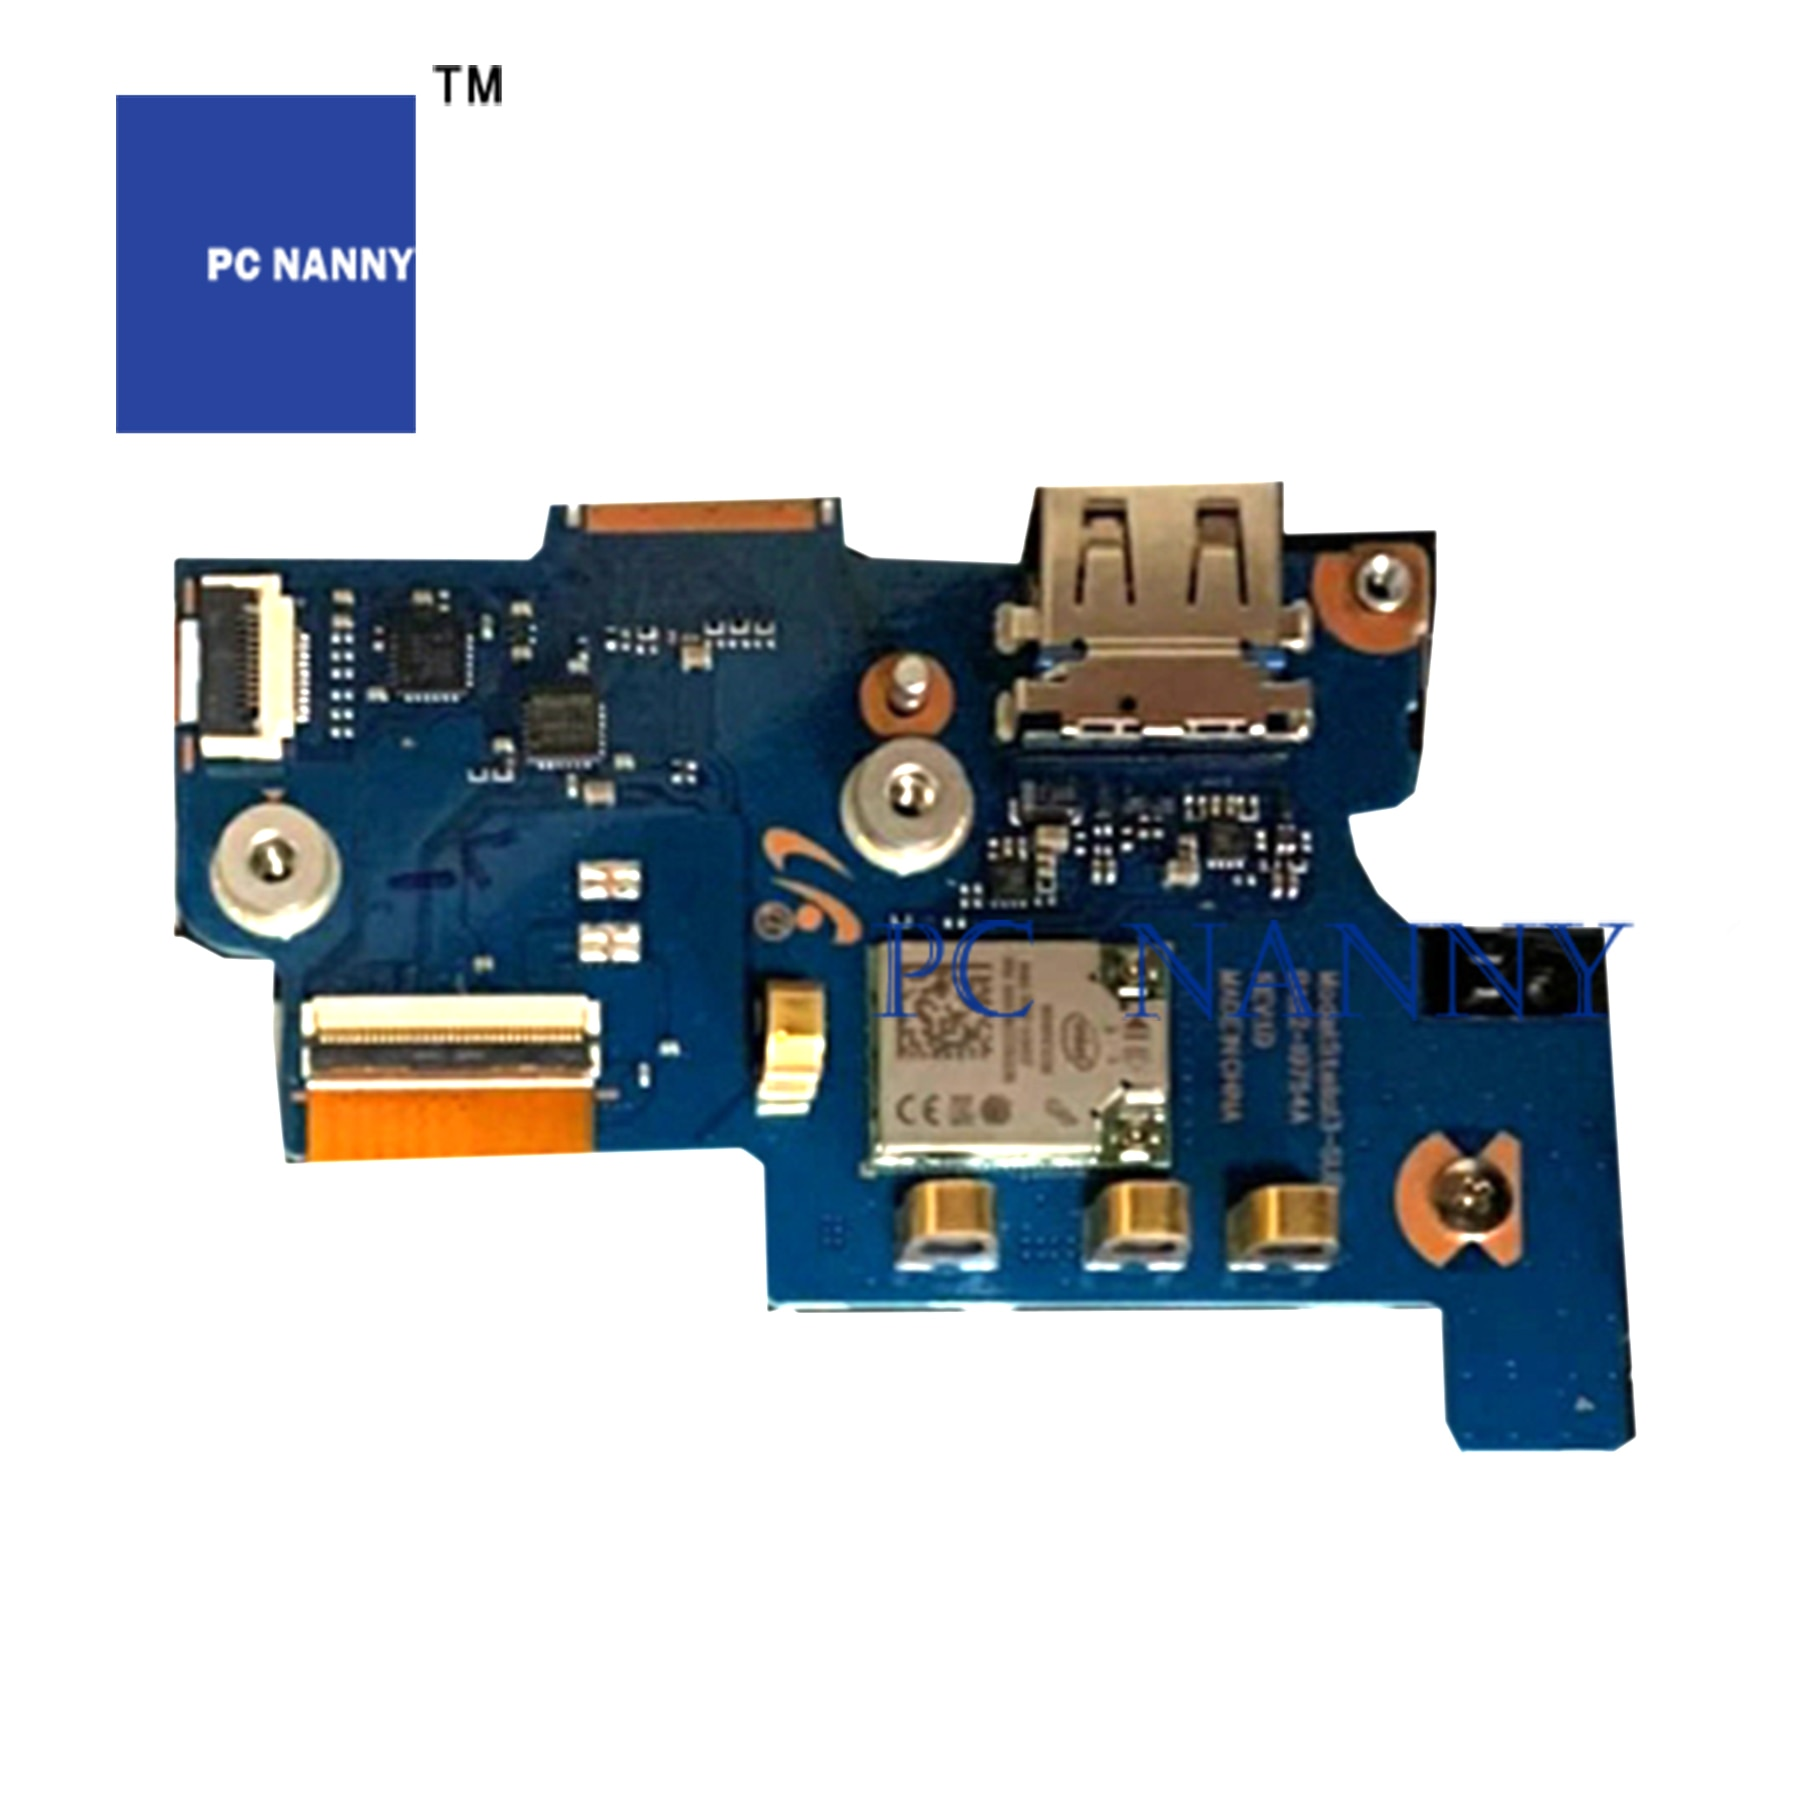 PCNANNY para NT730XBE NP730XBE, cable de alimentación lcd, cable usb, panel táctil,...